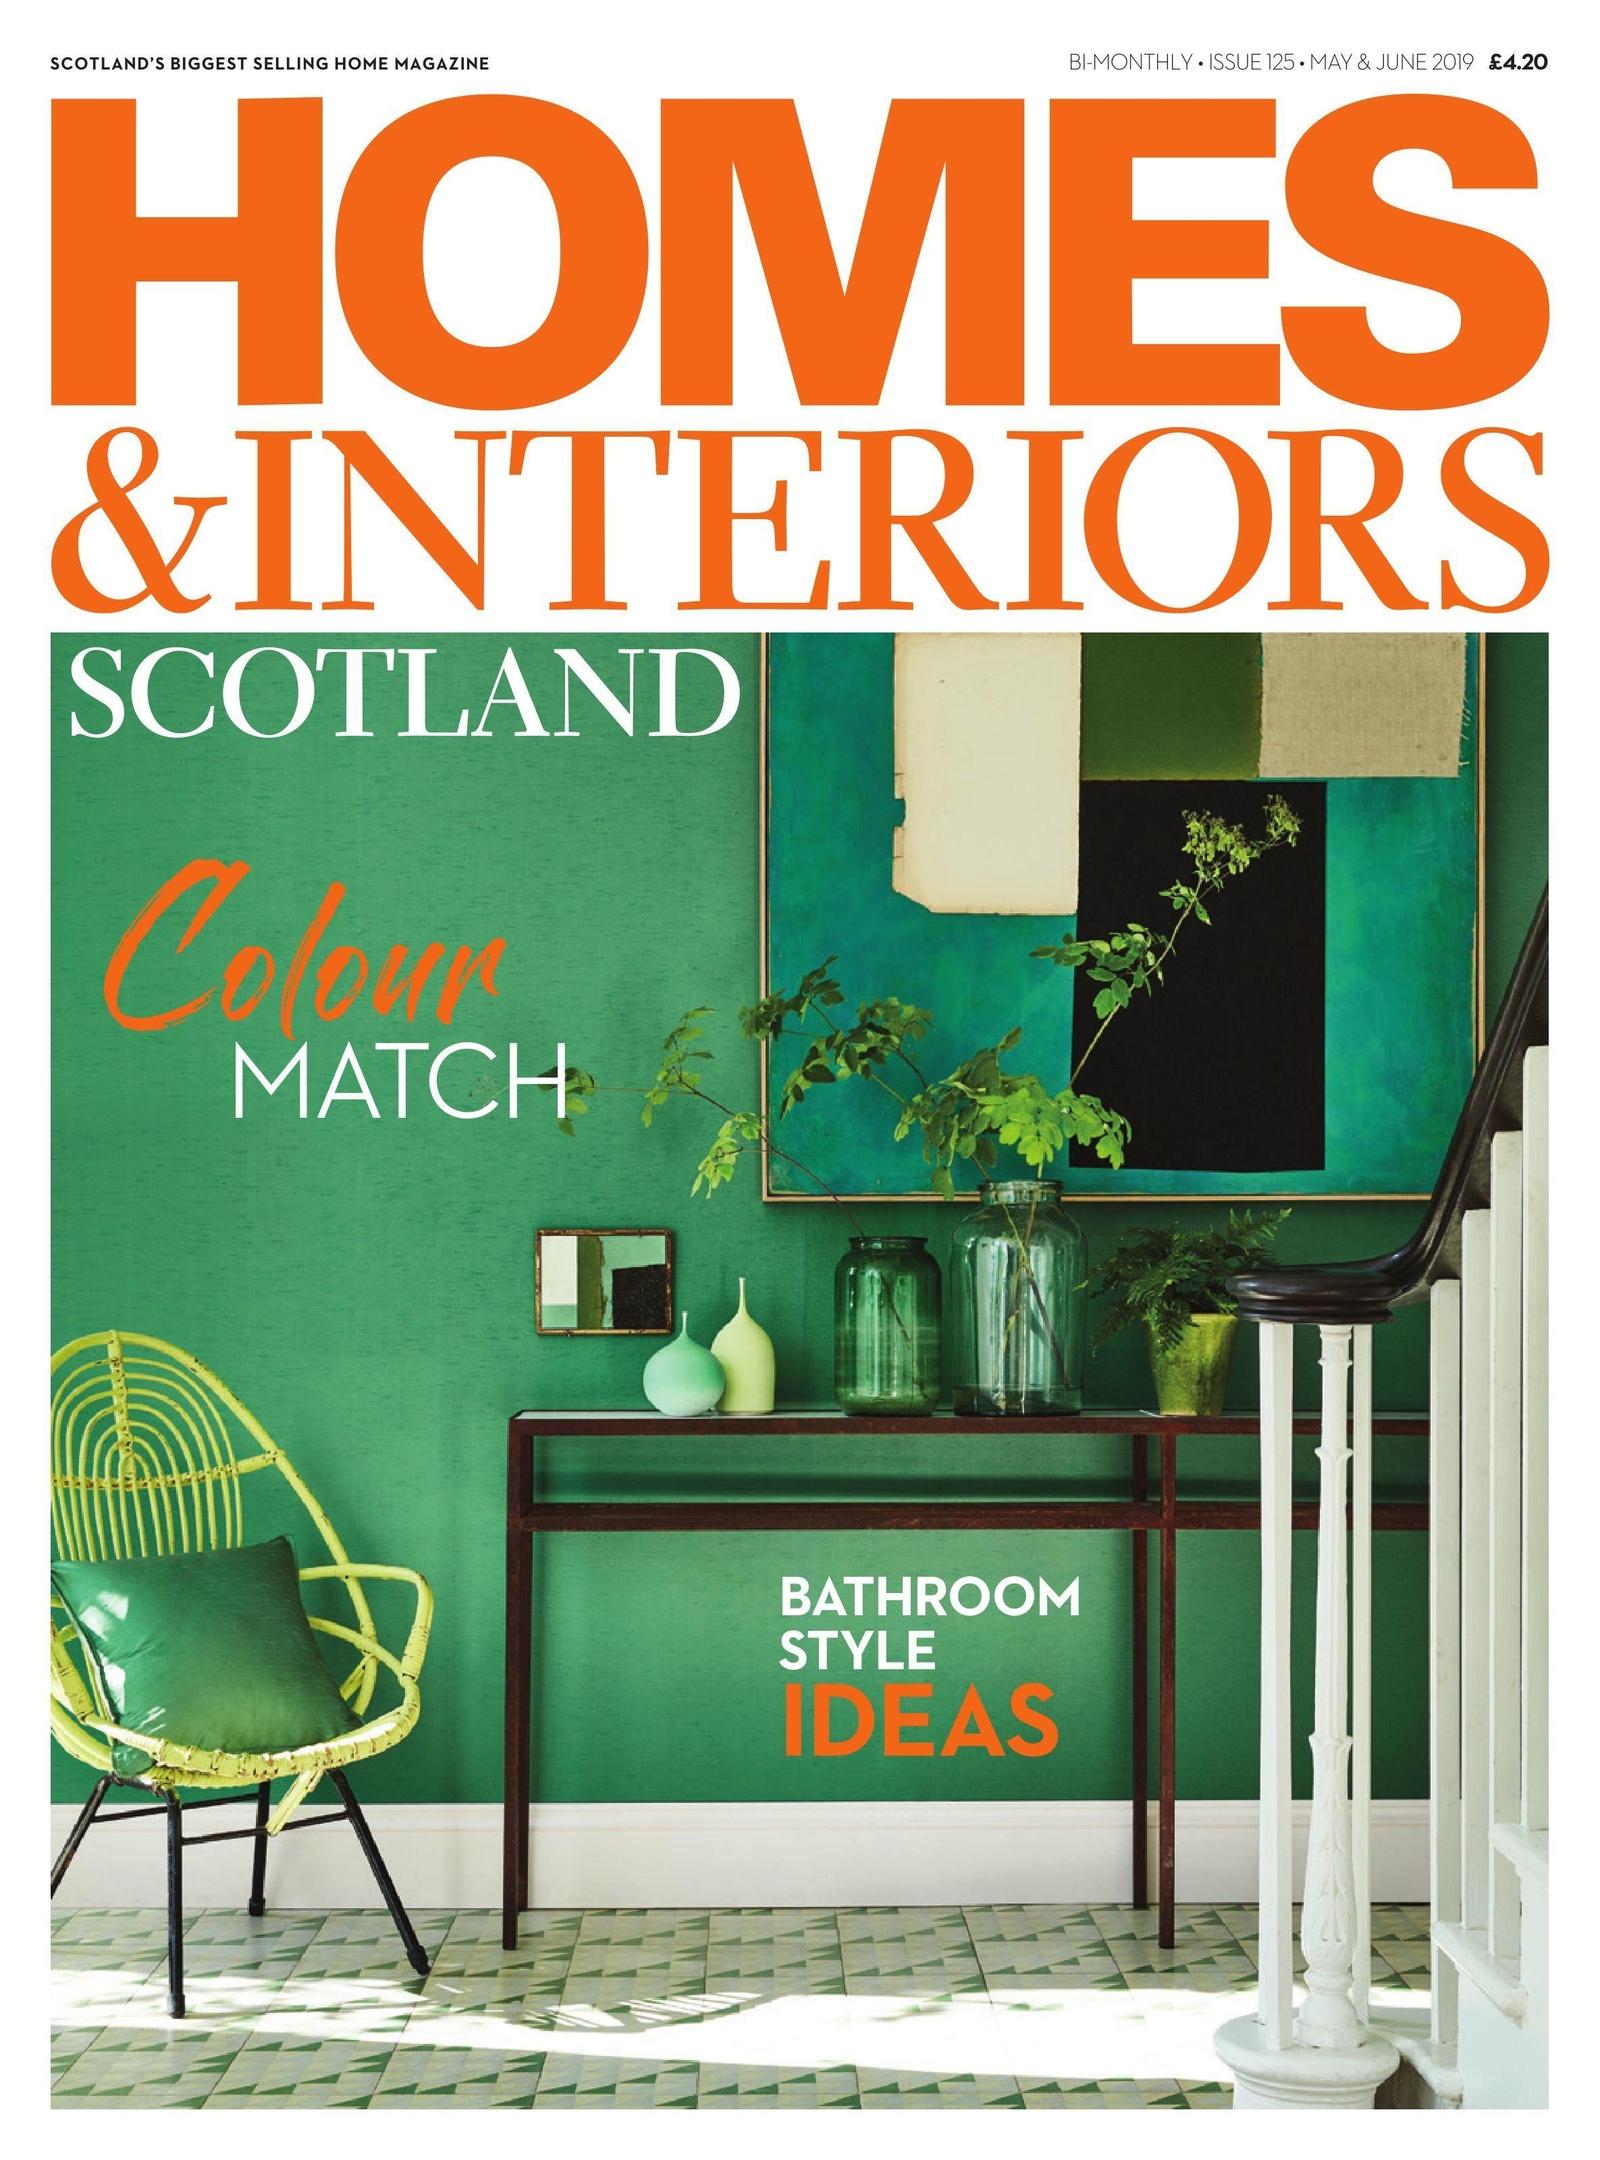 Homes & Interiors Scotland – April 2019